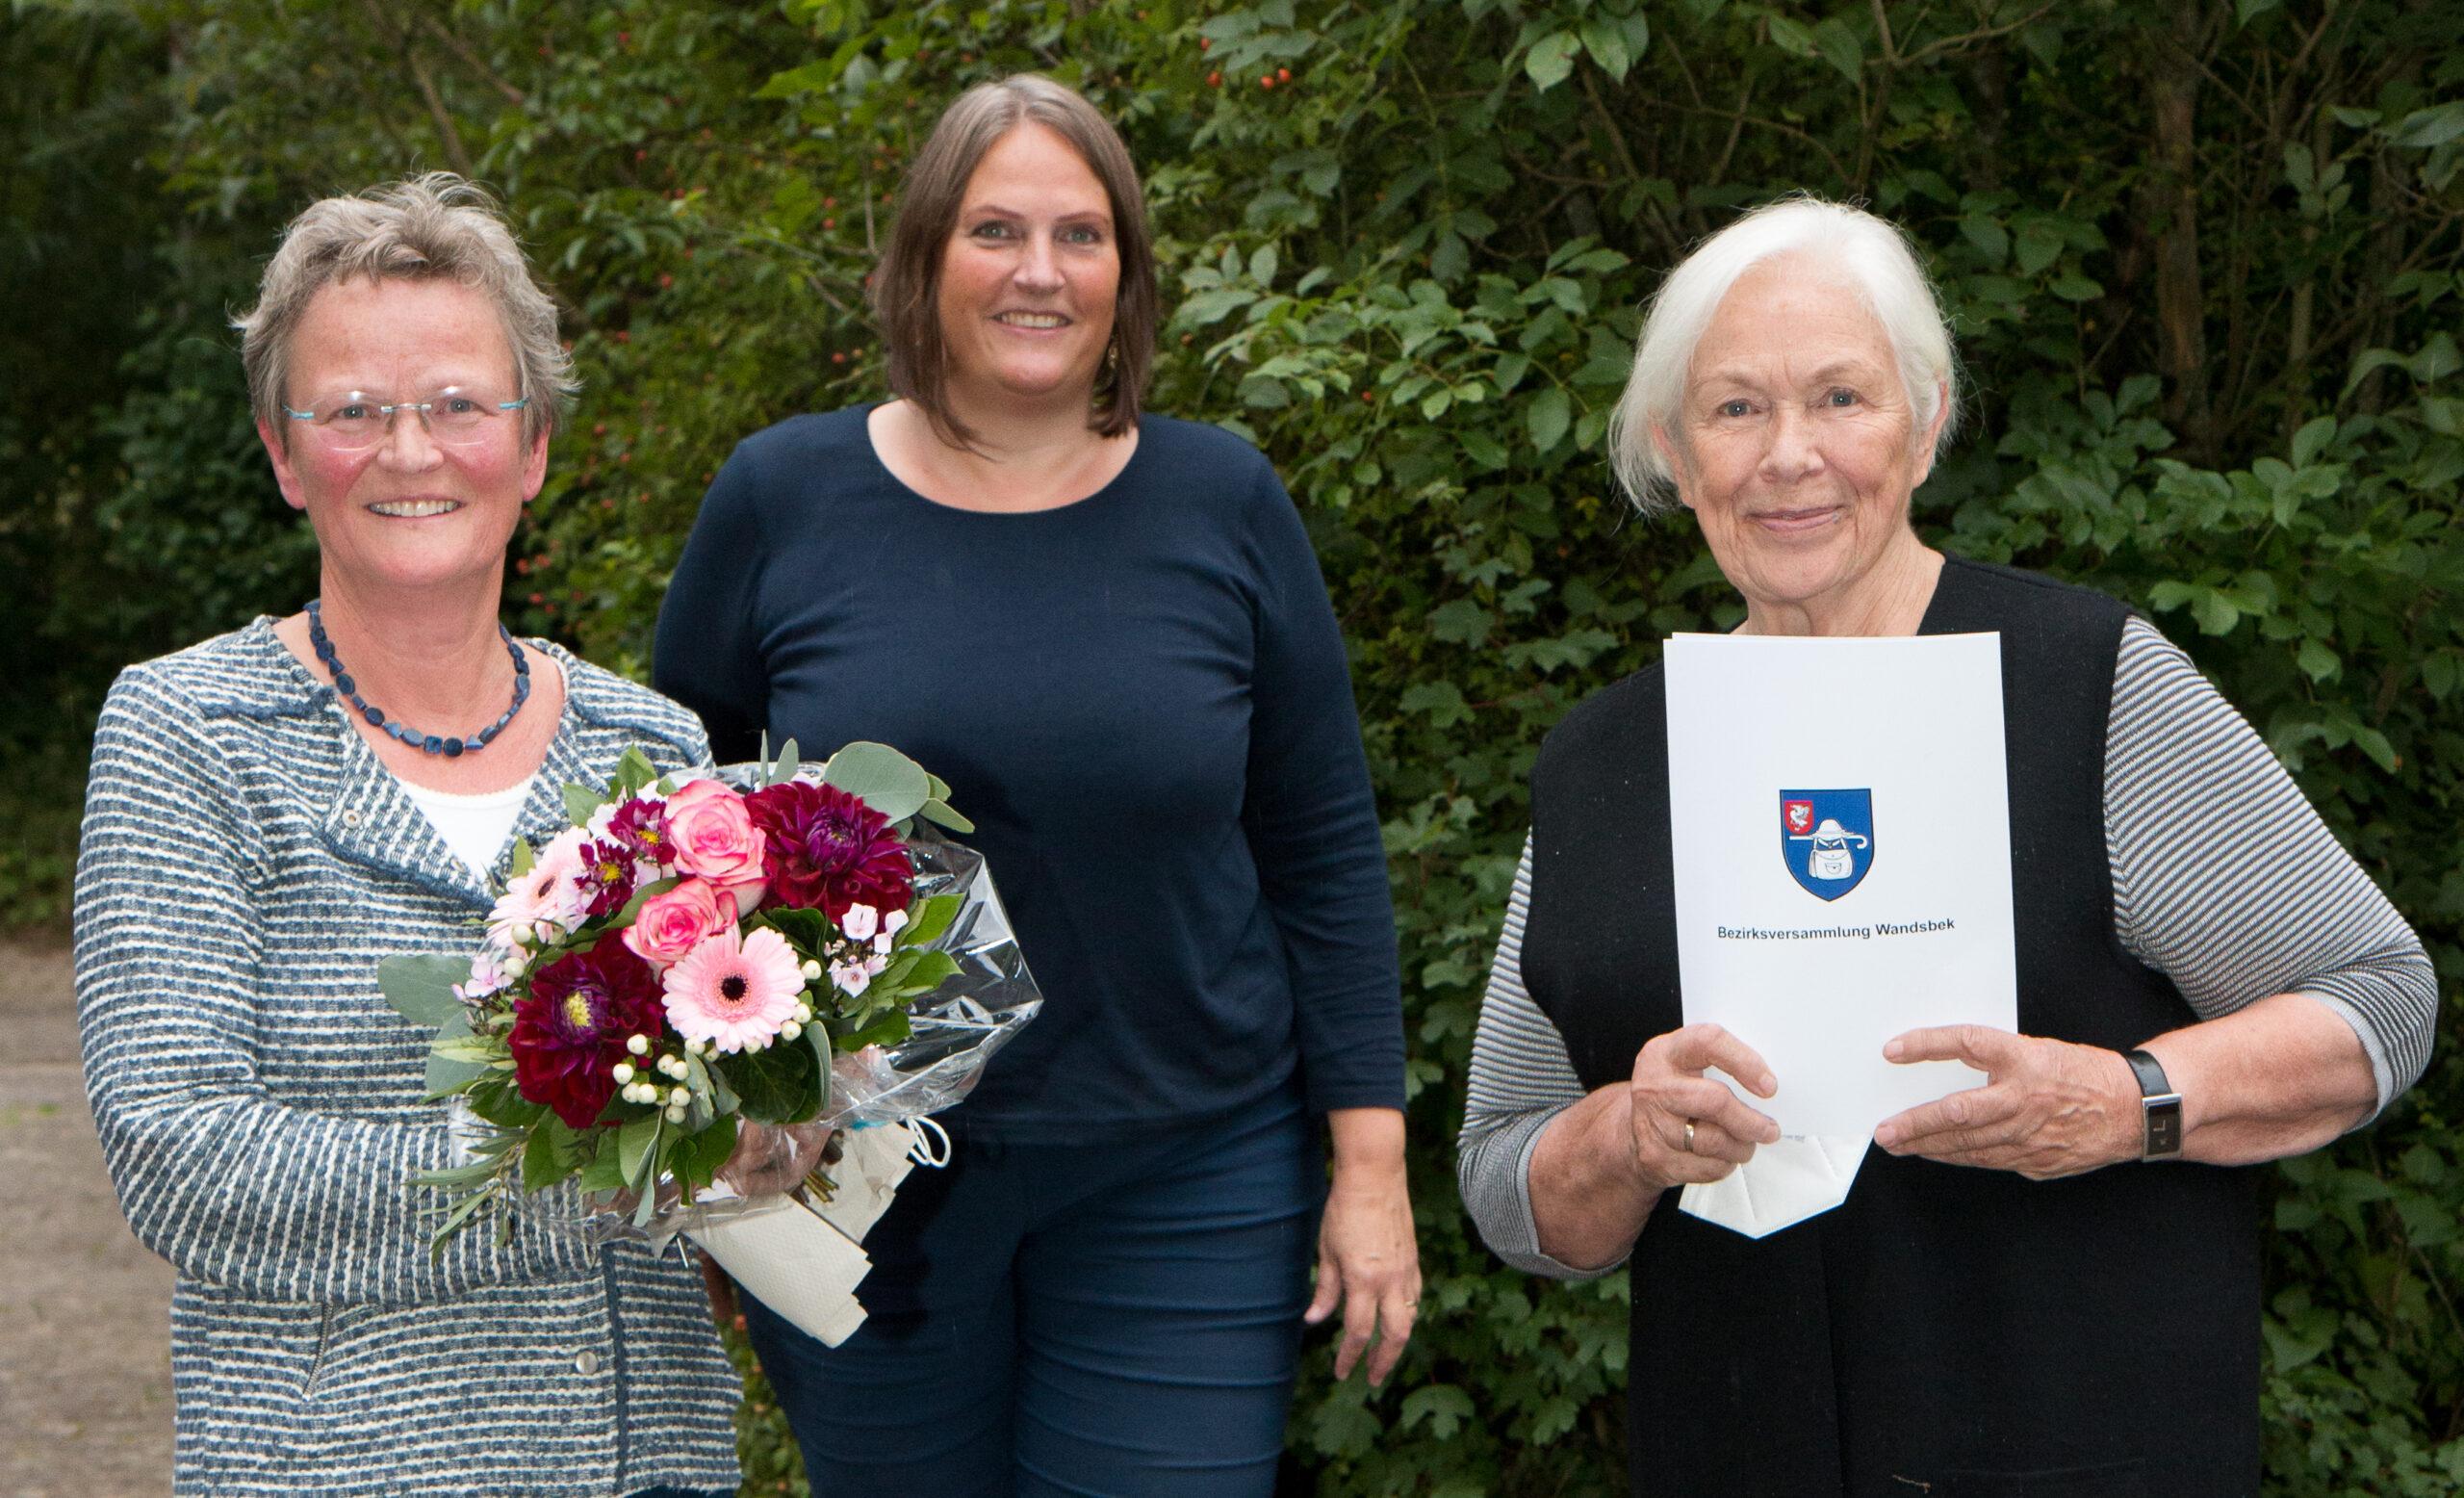 Müttertelefon in Volksdorf mit dem Umwelt- und Sozialpreis des Regionalausschusses Walddörfer ausgezeichnet